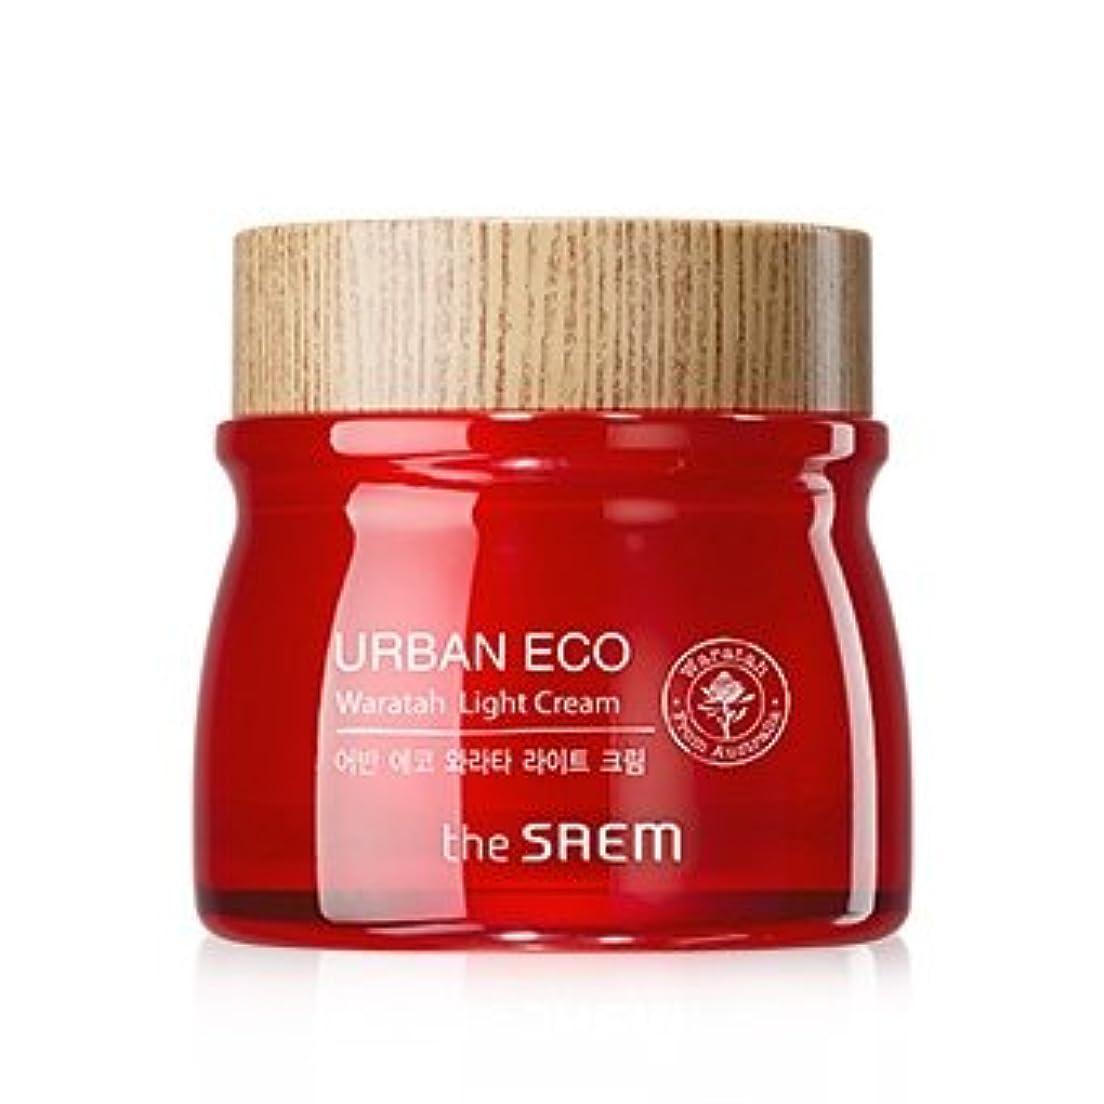 湾絶妙ジャンピングジャックThe Saem Urban Eco Waratah Light Cream 60ml ドセム アーバンエコワラターライトクリーム60ml[並行輸入品]